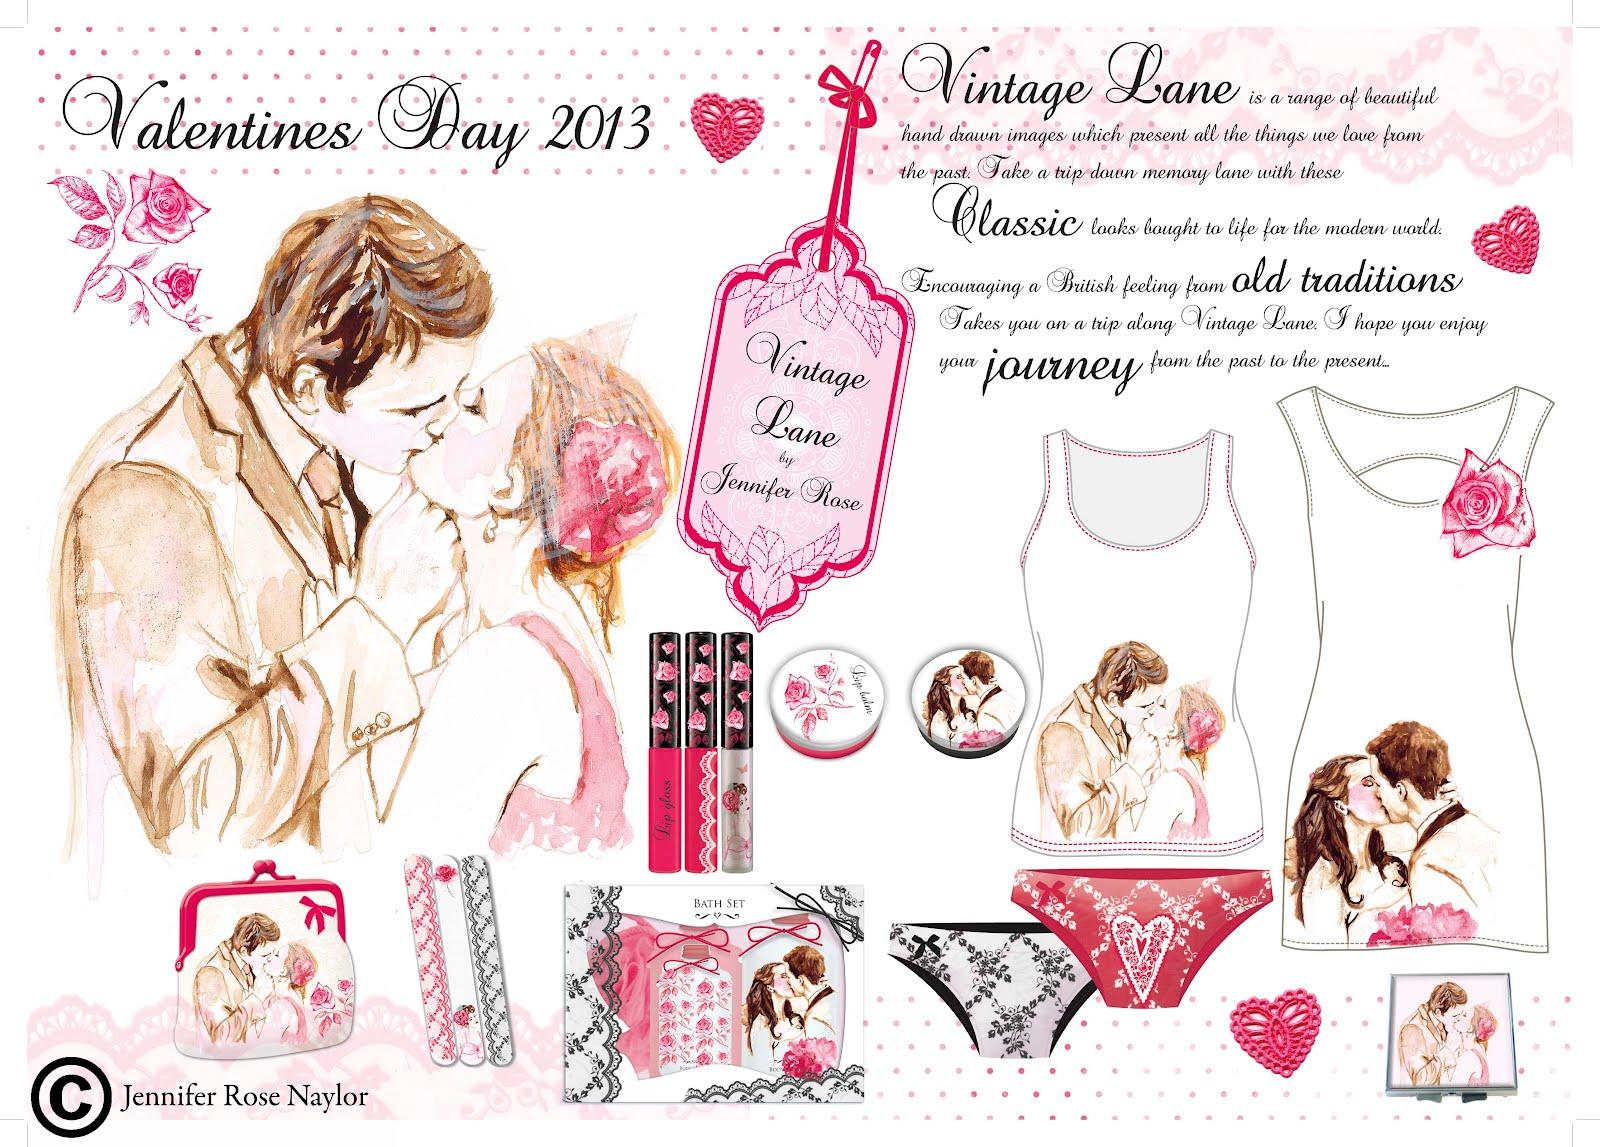 http://4.bp.blogspot.com/-prx58KRgb_o/UO2f3LABHpI/AAAAAAAACLk/MNoJtzEIm6w/s1600/valentines+day+shayari+in+hindi.jpg